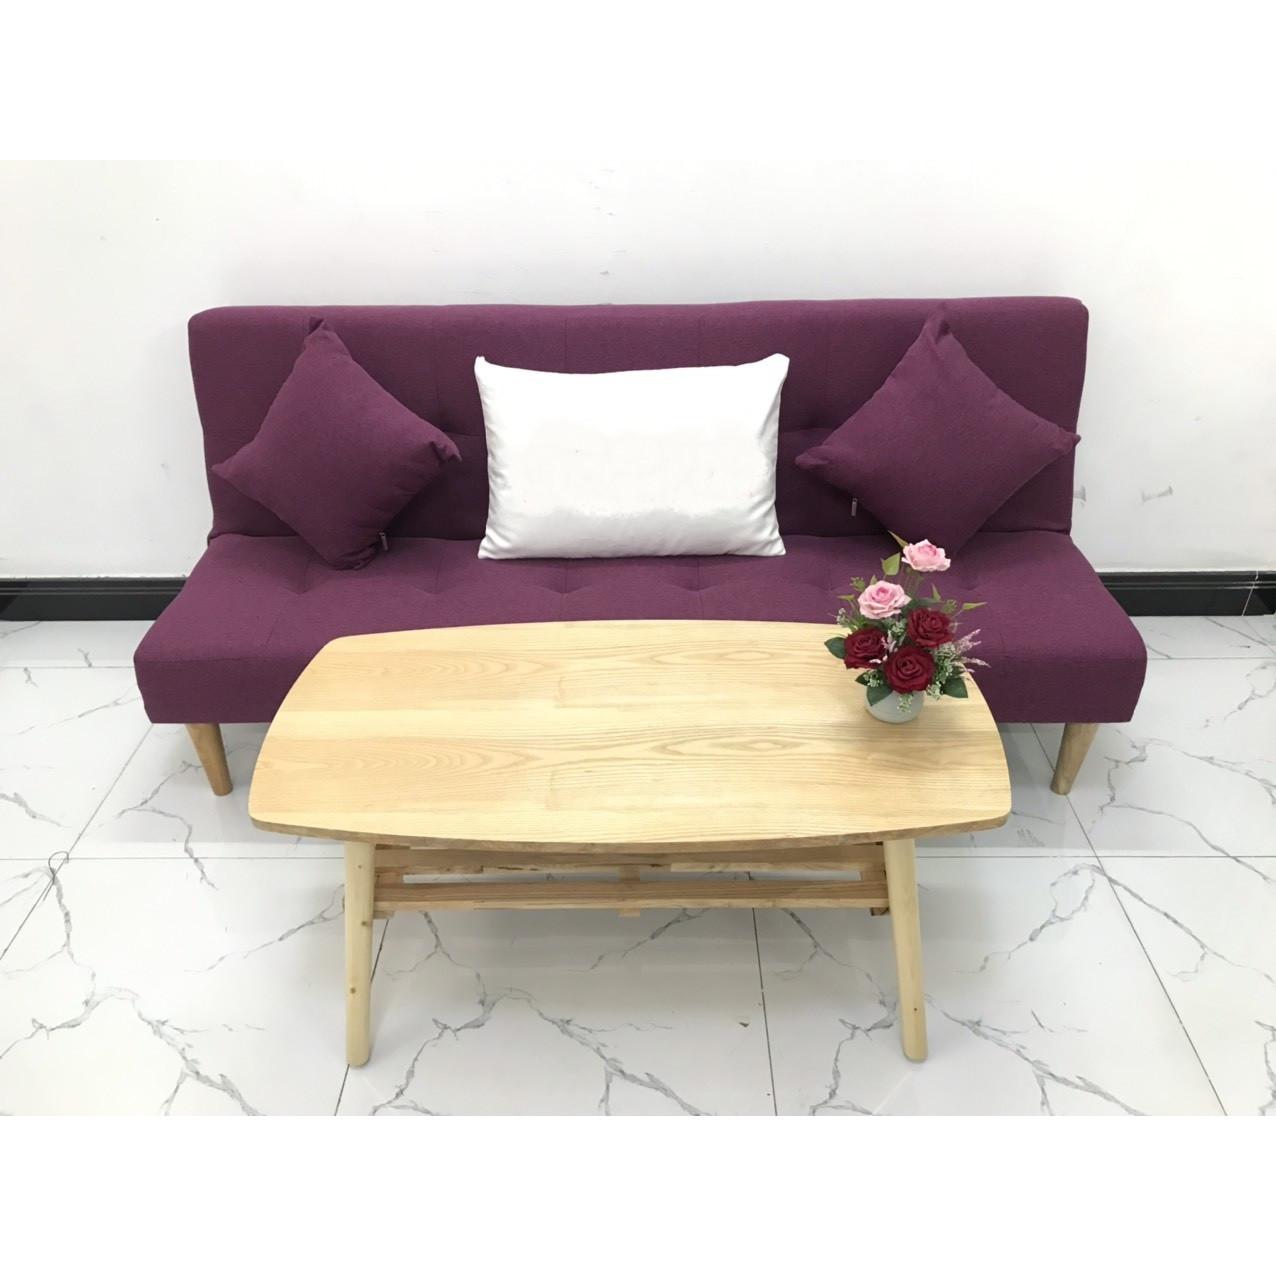 Bộ ghế sofa giường 1m7x90 sofa bed phòng khách linco25 sopha, salon